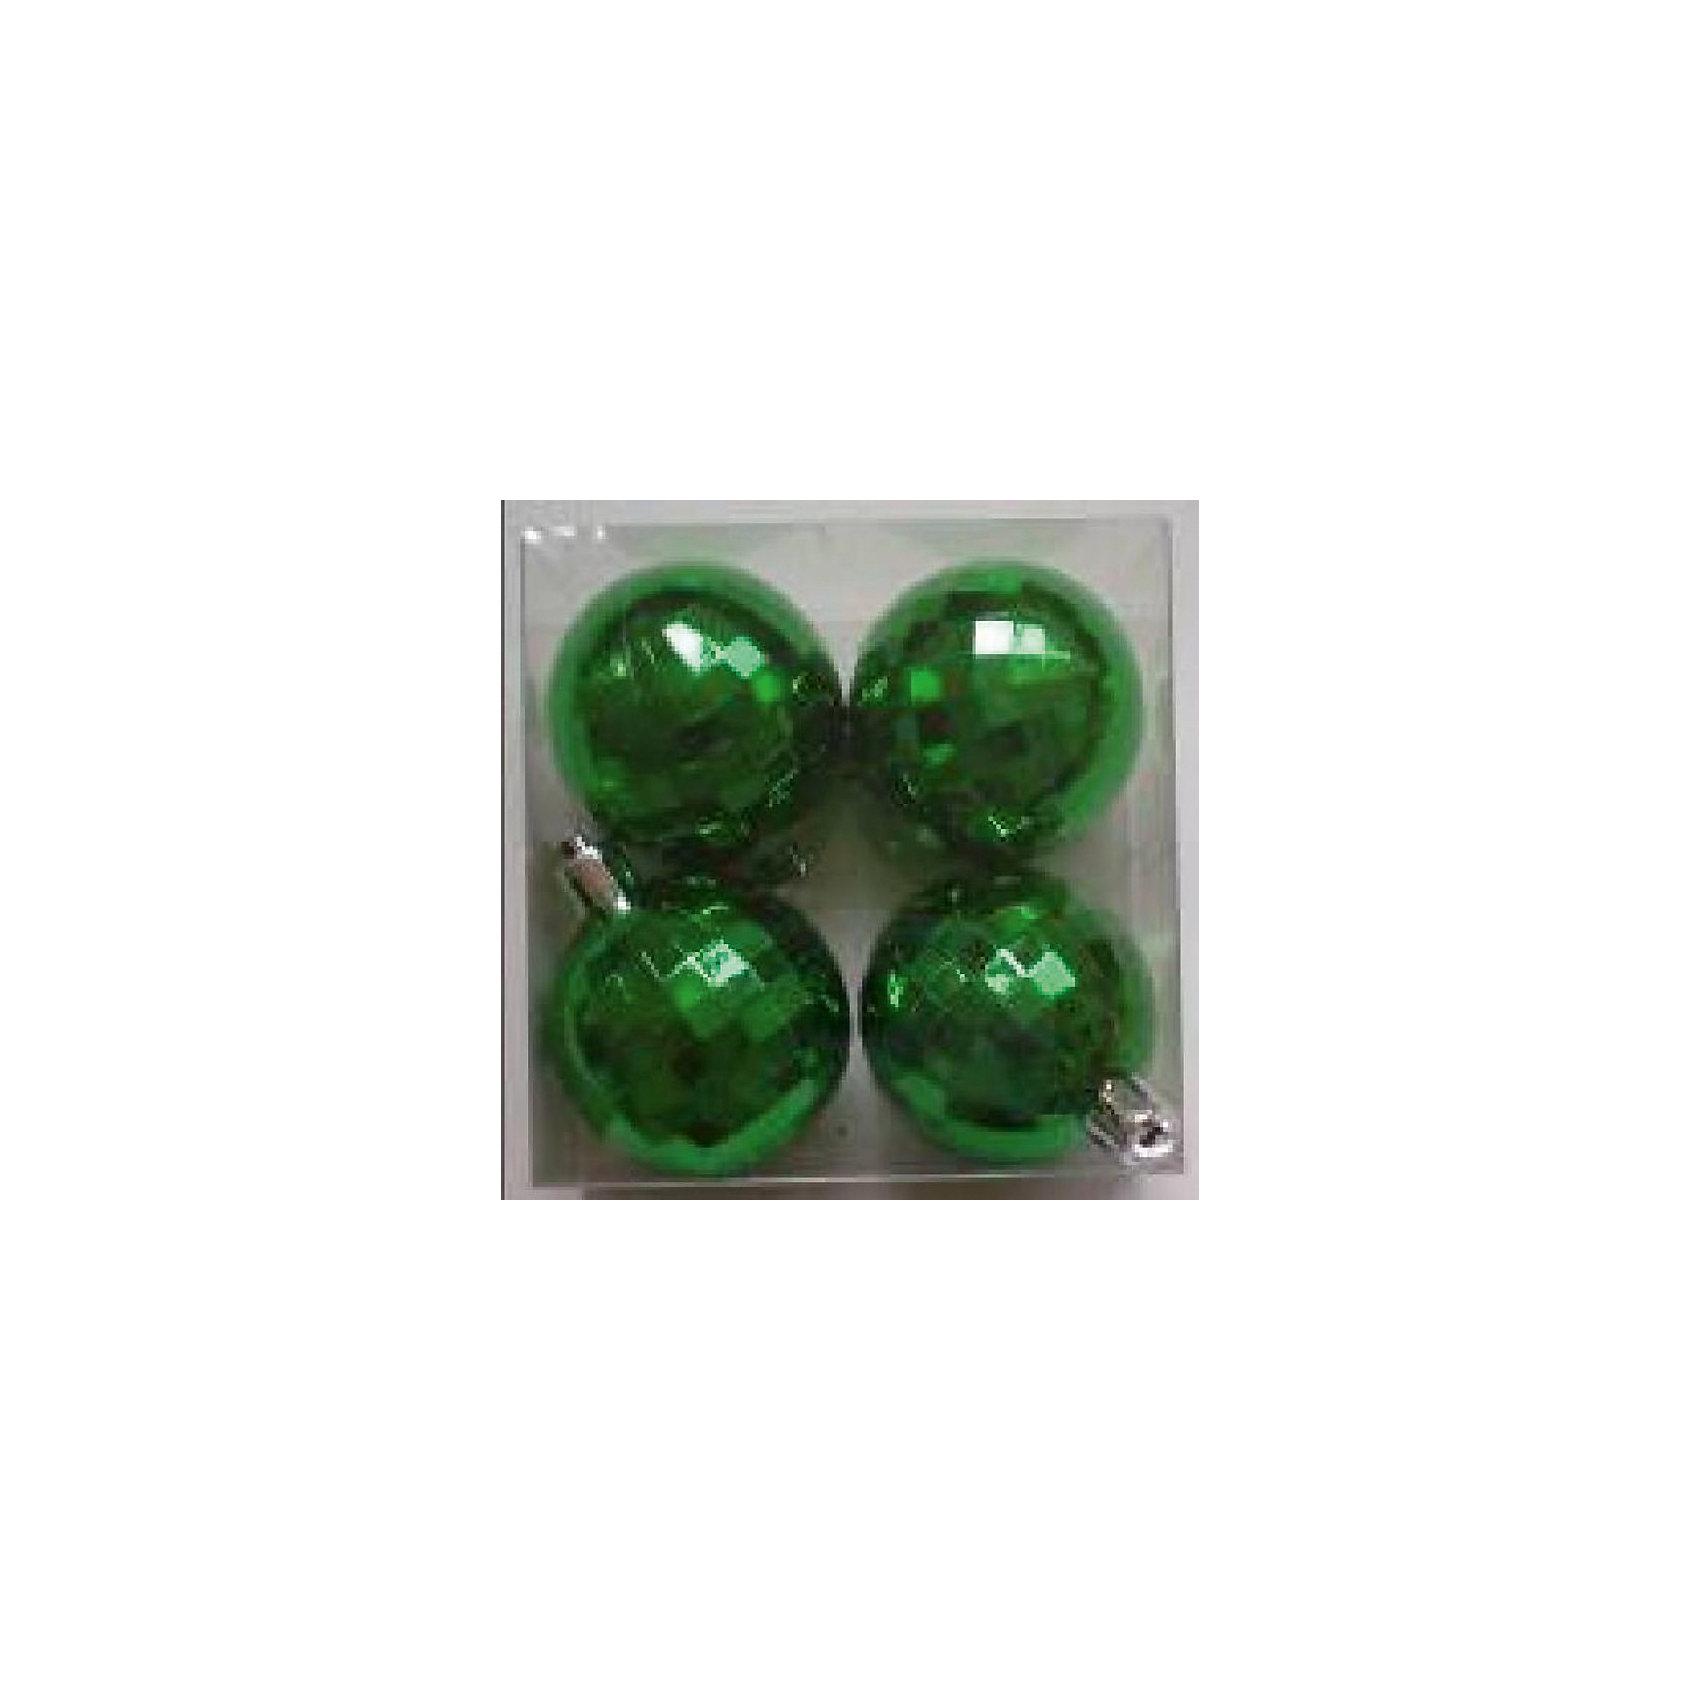 Новогоднее подвесное украшение шар Зеленый диско (4 см, набор 4 шт, пластик)Всё для праздника<br>Новогоднее подвесн. украш. шар Зеленый диско арт.35499 (4 см, набор 4 шт. (пластик)) арт.35499<br><br>Ширина мм: 80<br>Глубина мм: 40<br>Высота мм: 80<br>Вес г: 26<br>Возраст от месяцев: 60<br>Возраст до месяцев: 600<br>Пол: Унисекс<br>Возраст: Детский<br>SKU: 5144661